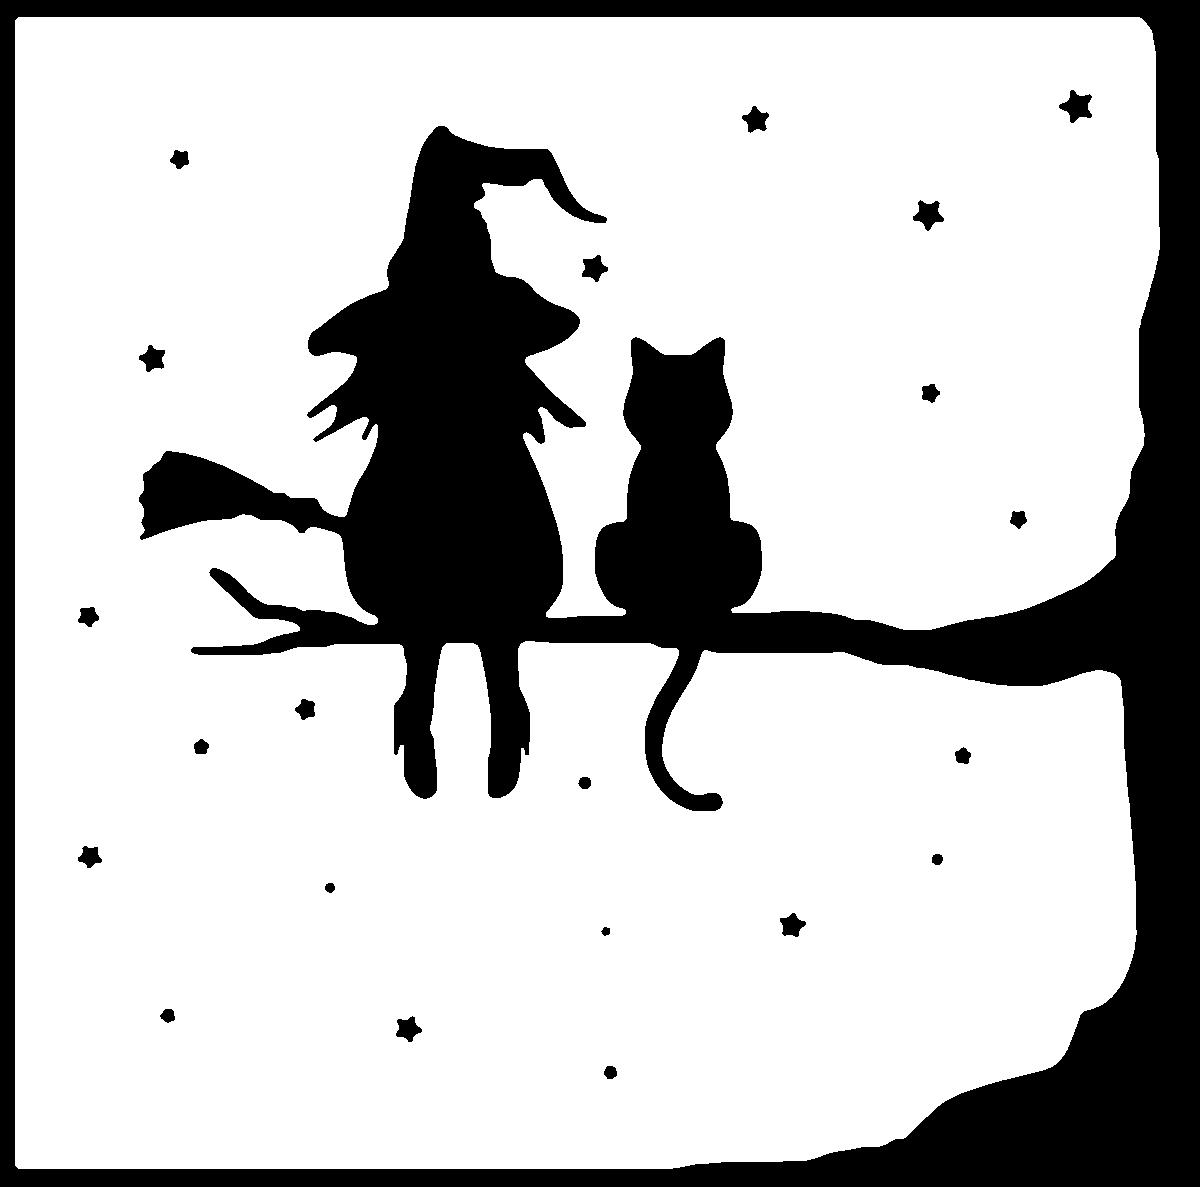 sorciere.jpg Télécharger fichier STL gratuit la sorcière et son chat - the witch and her cat • Objet à imprimer en 3D, yb__magiic